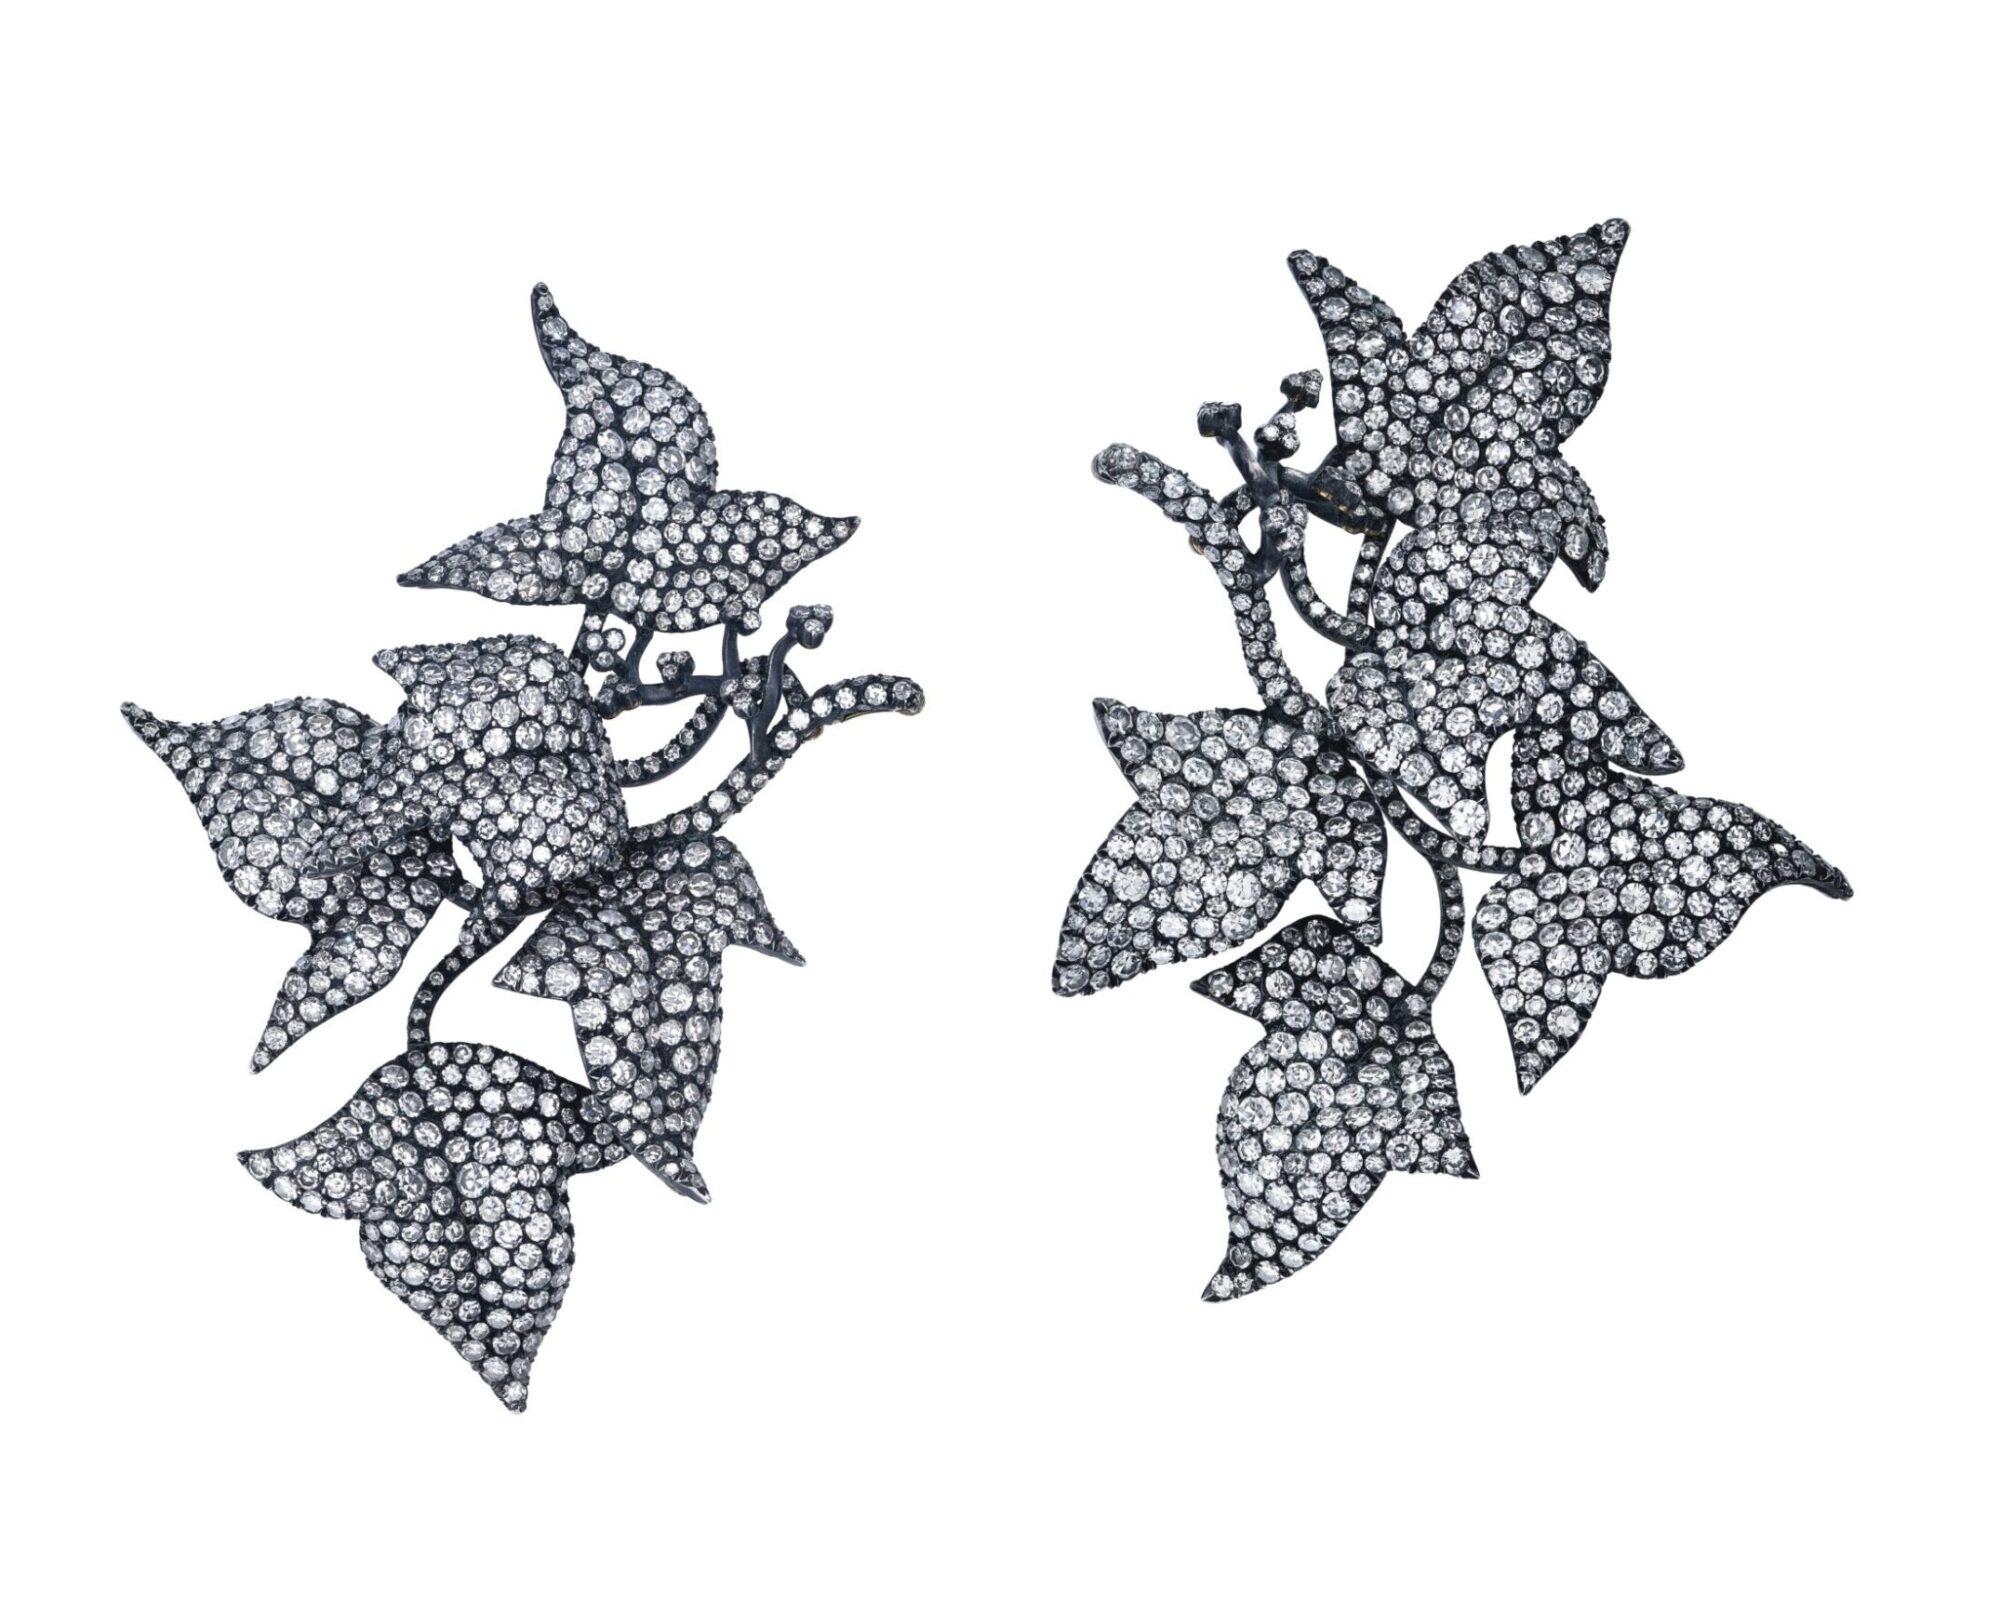 Diamond Ivy Leaves eaarings by JAR, estimate CHF400,000-600,000